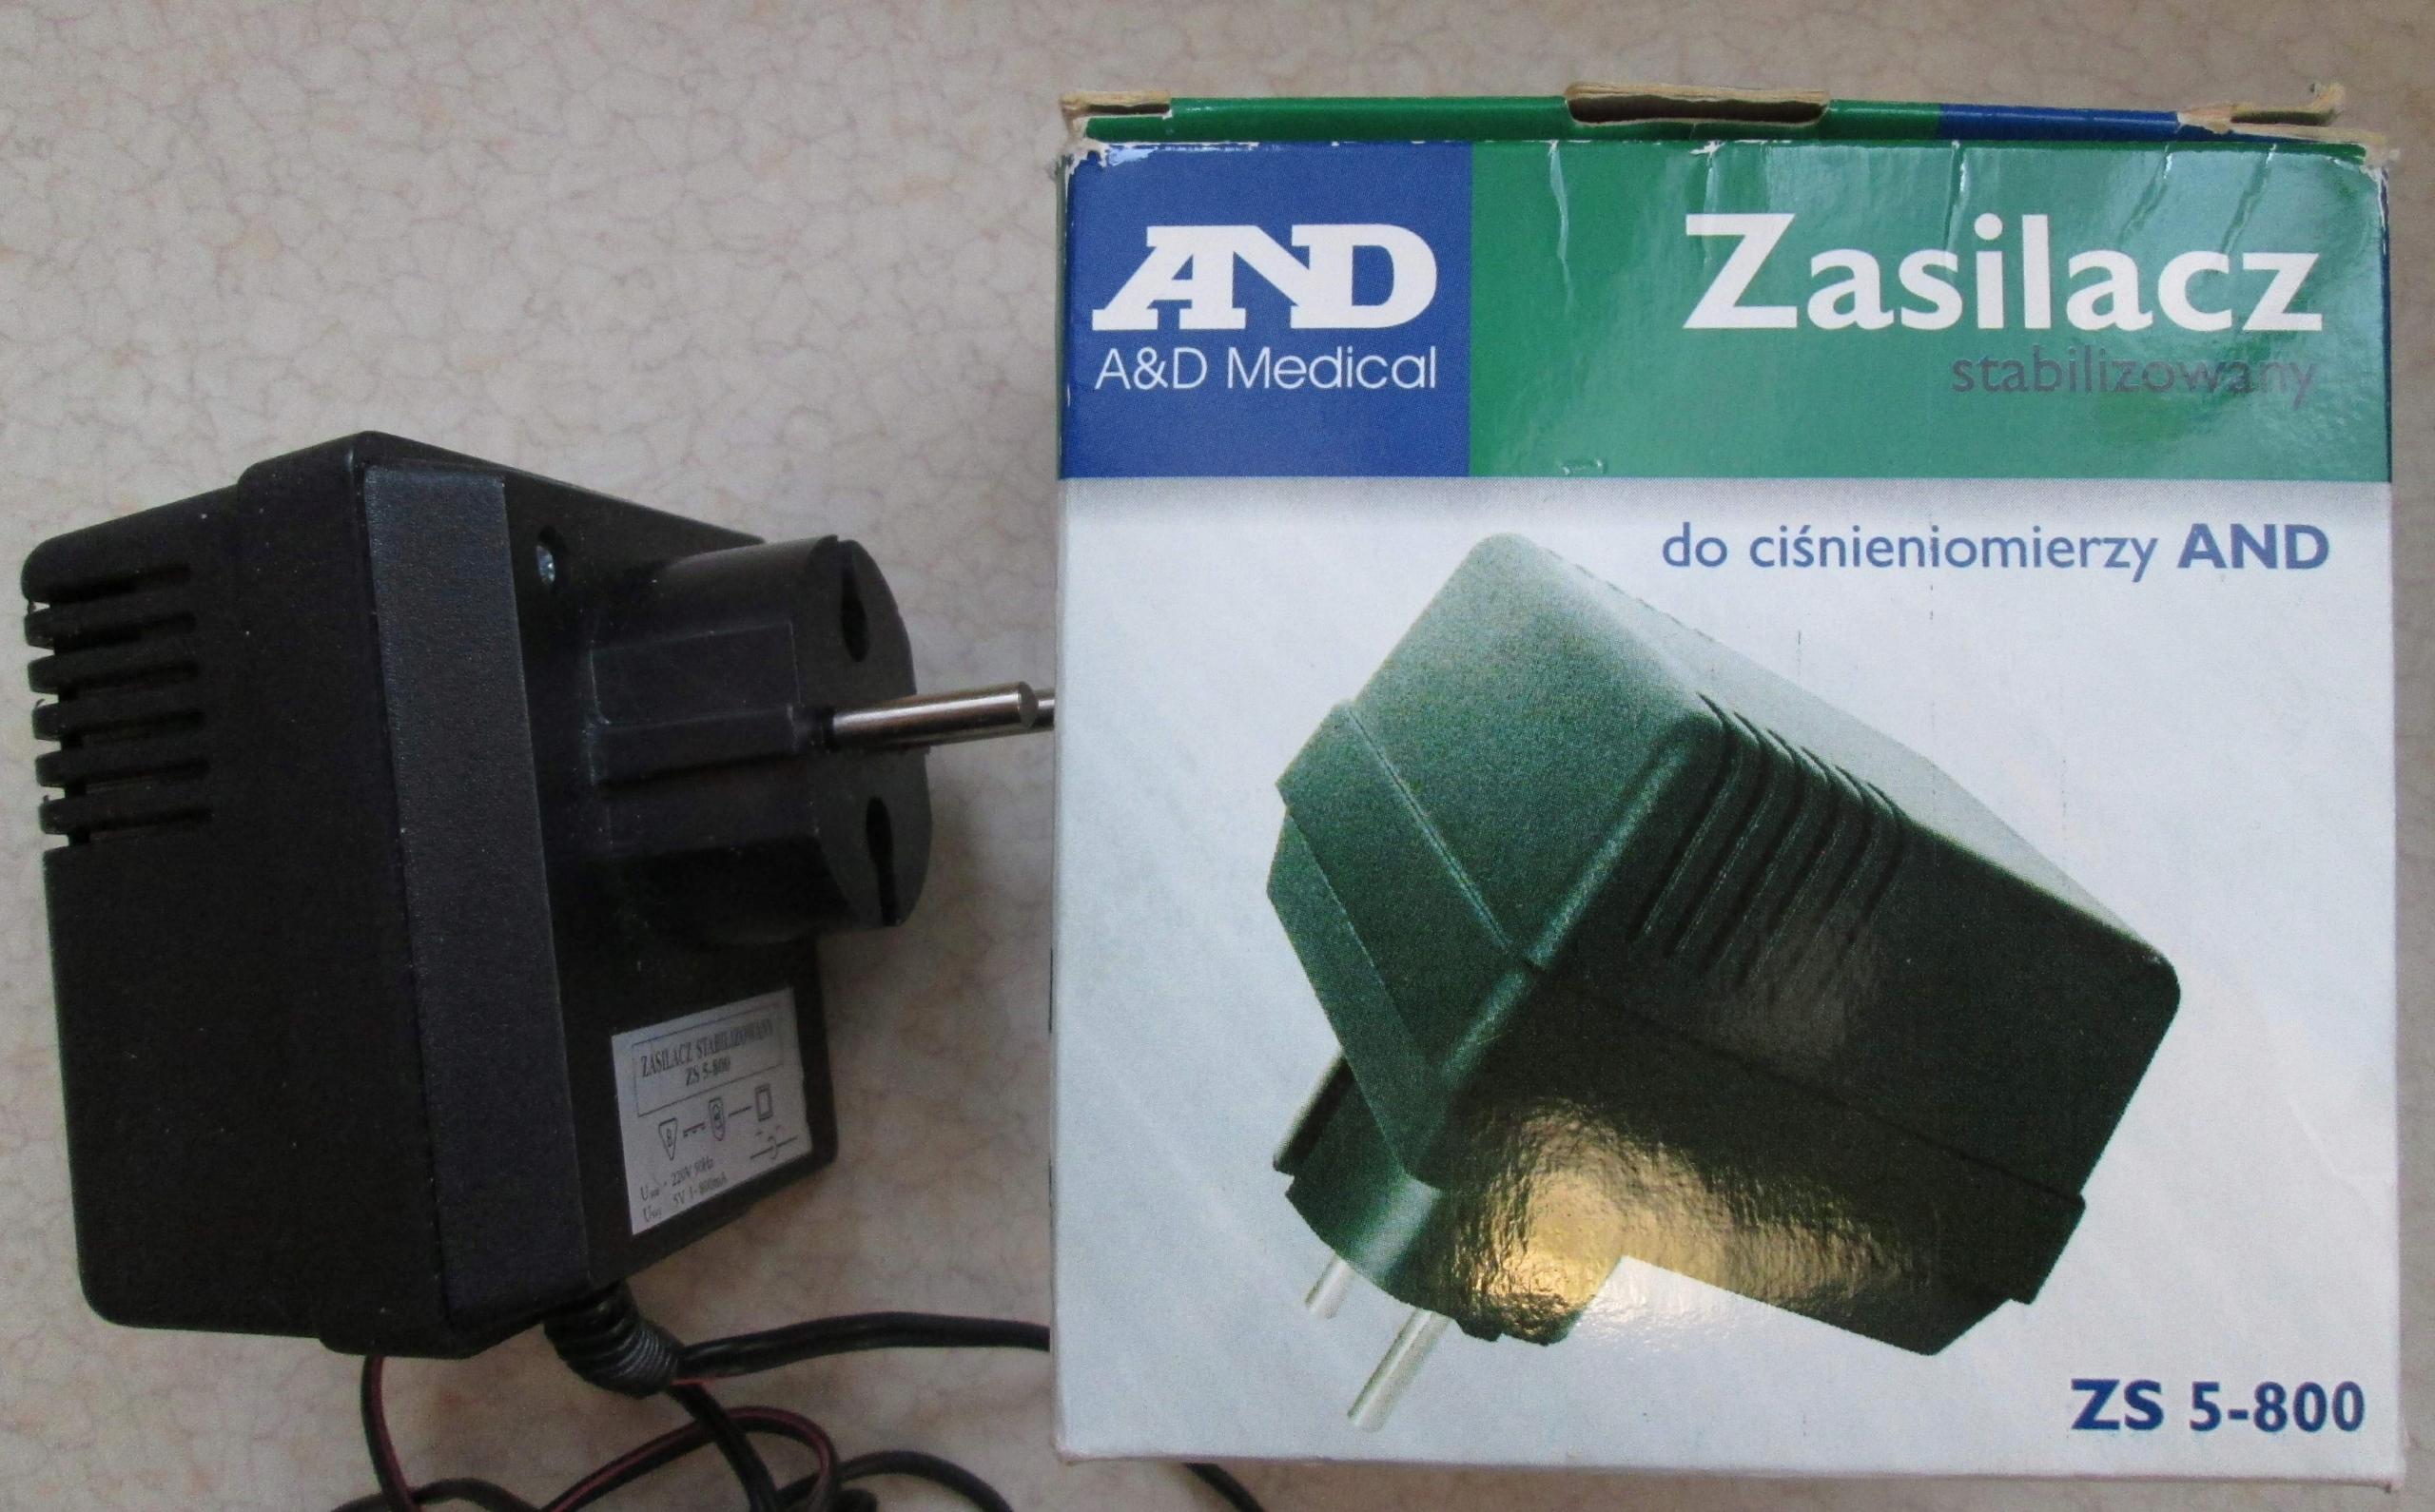 Zasilacz stabilizowany ZS5-800 - 5v/0.8A